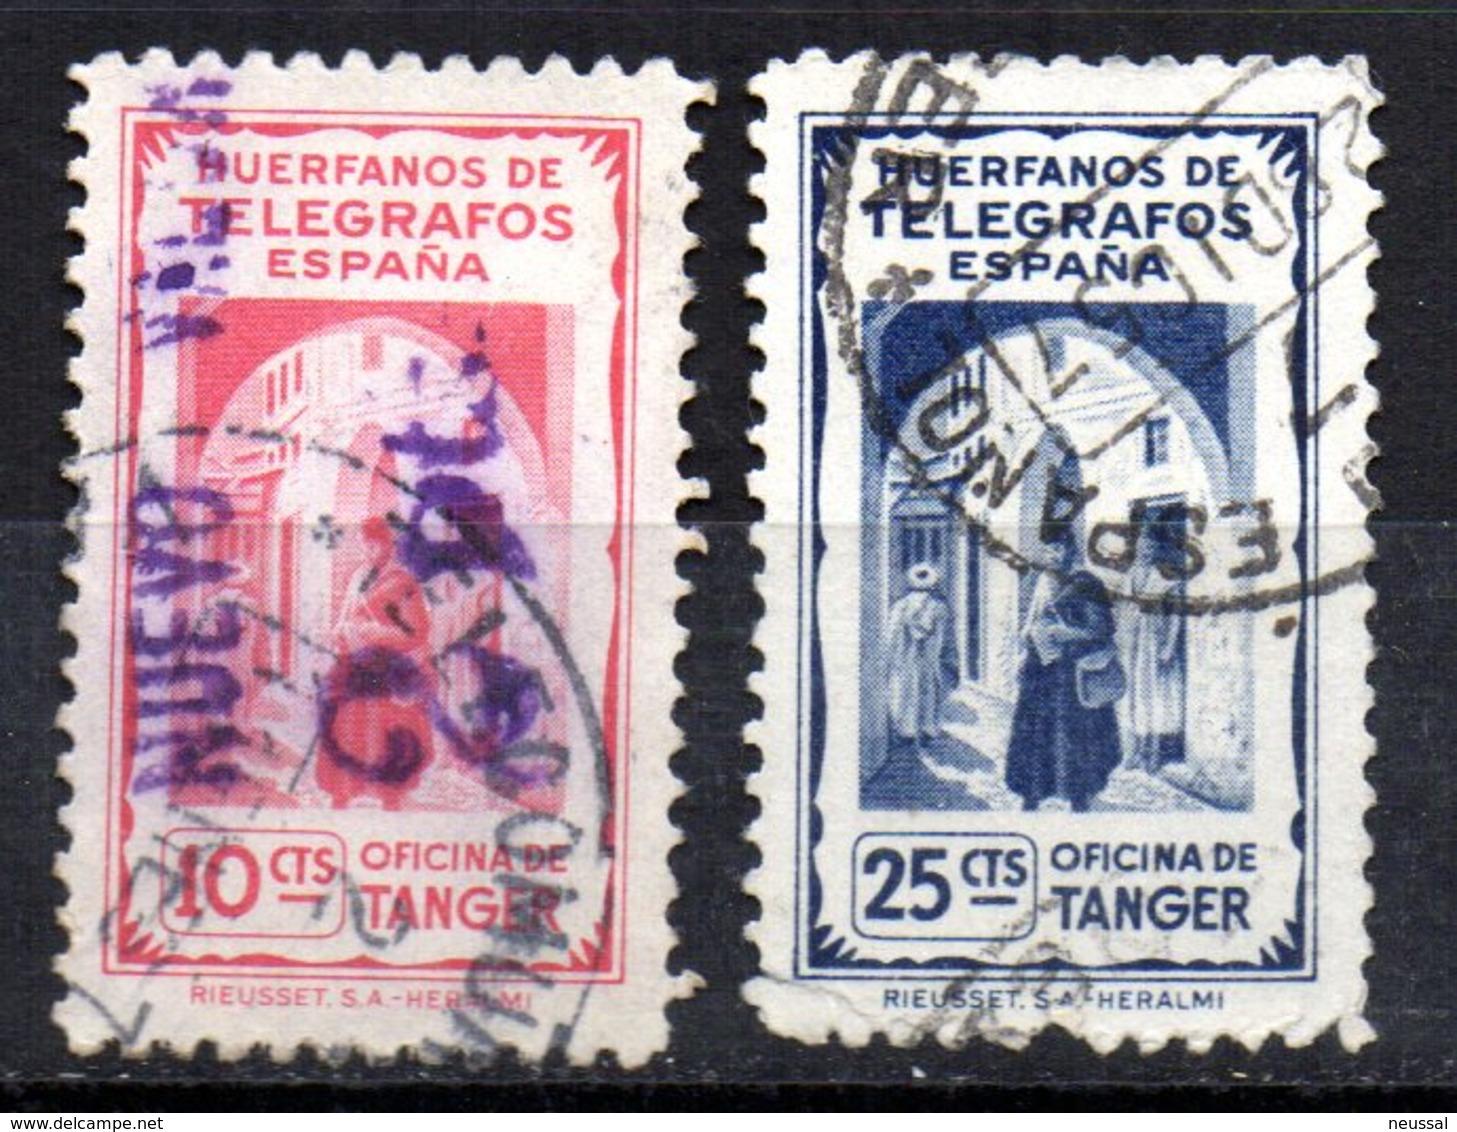 2 Sellos De Huerfanos De Telegrafos Uno Con Sobrecarga 2 Pts - Marocco Spagnolo